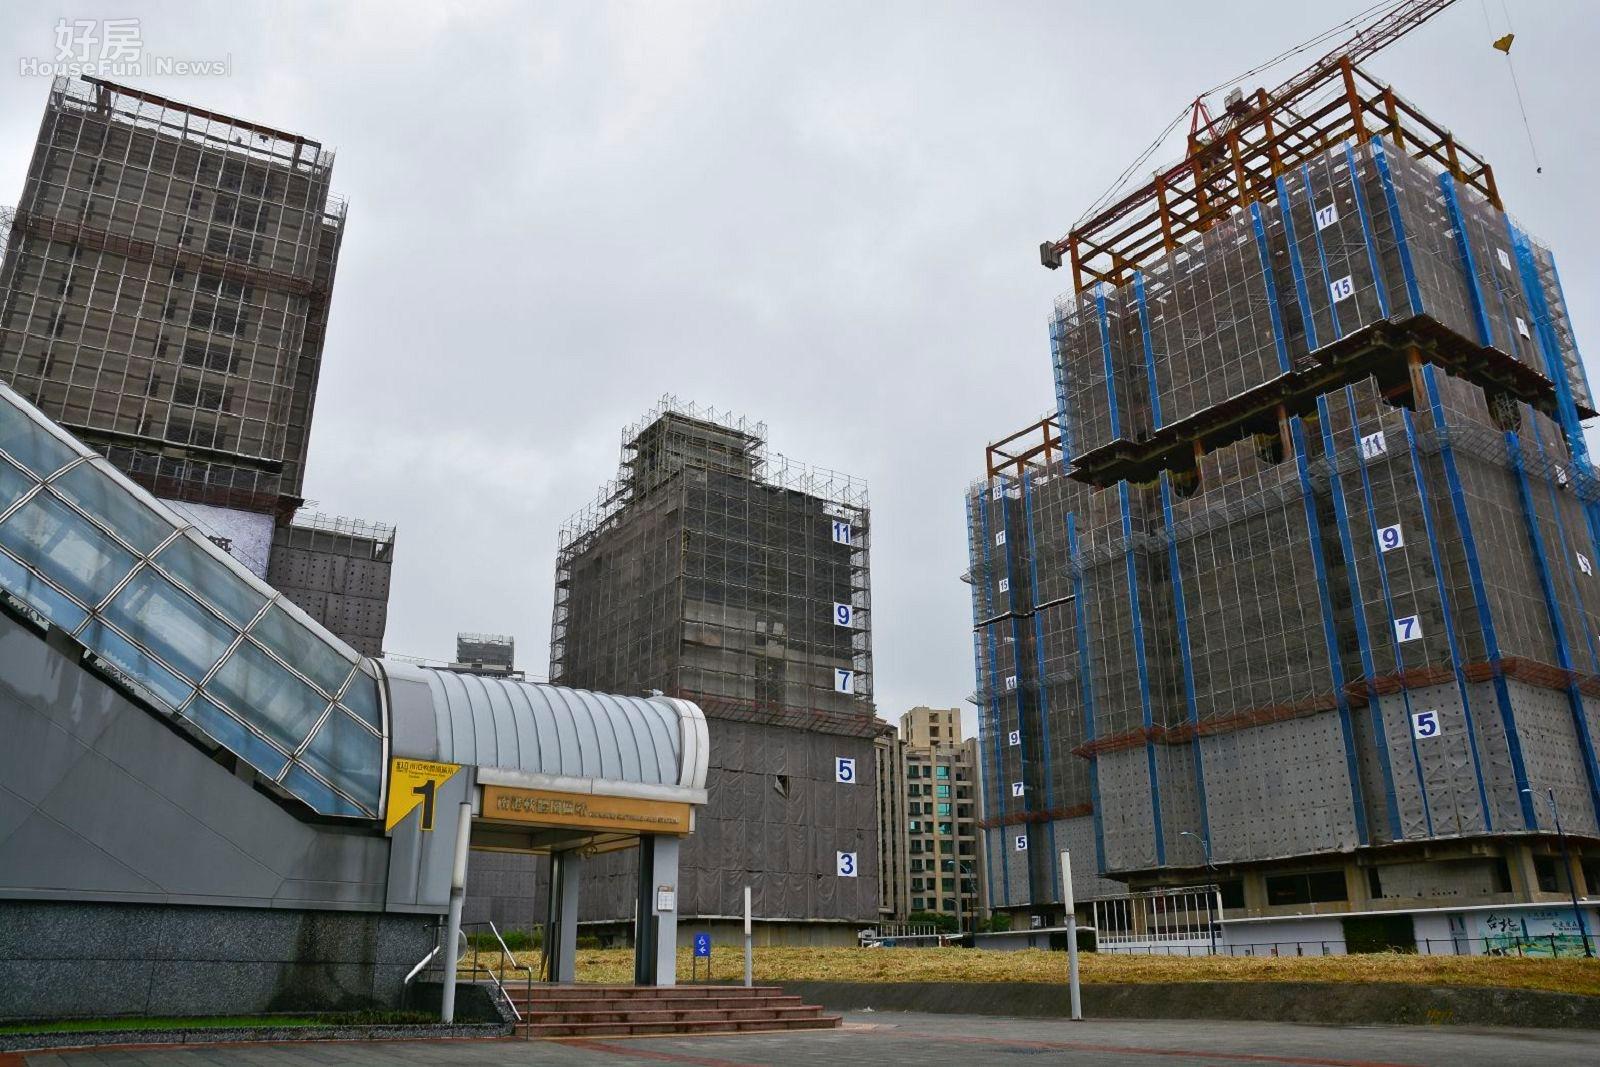 捷運南港軟體園區站,興建中的捷運宅,南港區捷運宅群聚照。(好房News記者 陳韋帆/攝影)